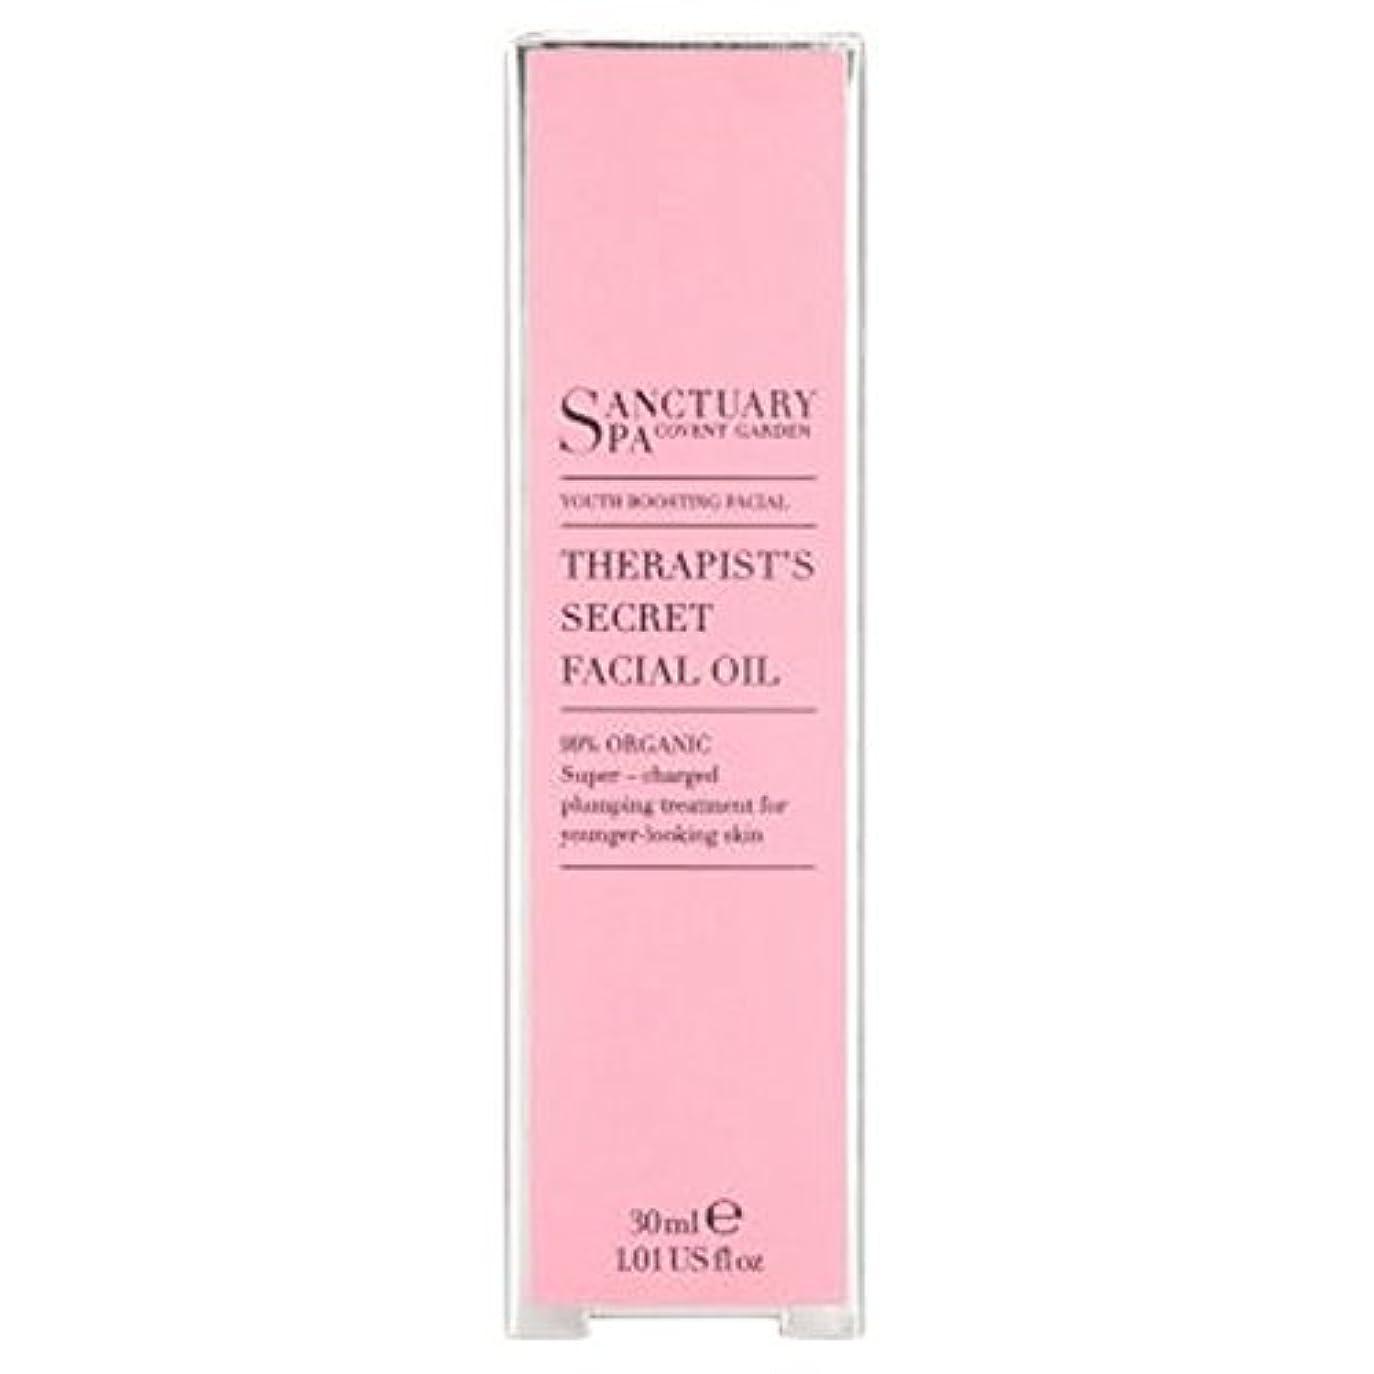 ブランドラケット凍結聖域セラピストフェイシャルオイル30ミリリットル (Sanctuary) (x2) - Sanctuary Therapists Facial Oil 30ml (Pack of 2) [並行輸入品]